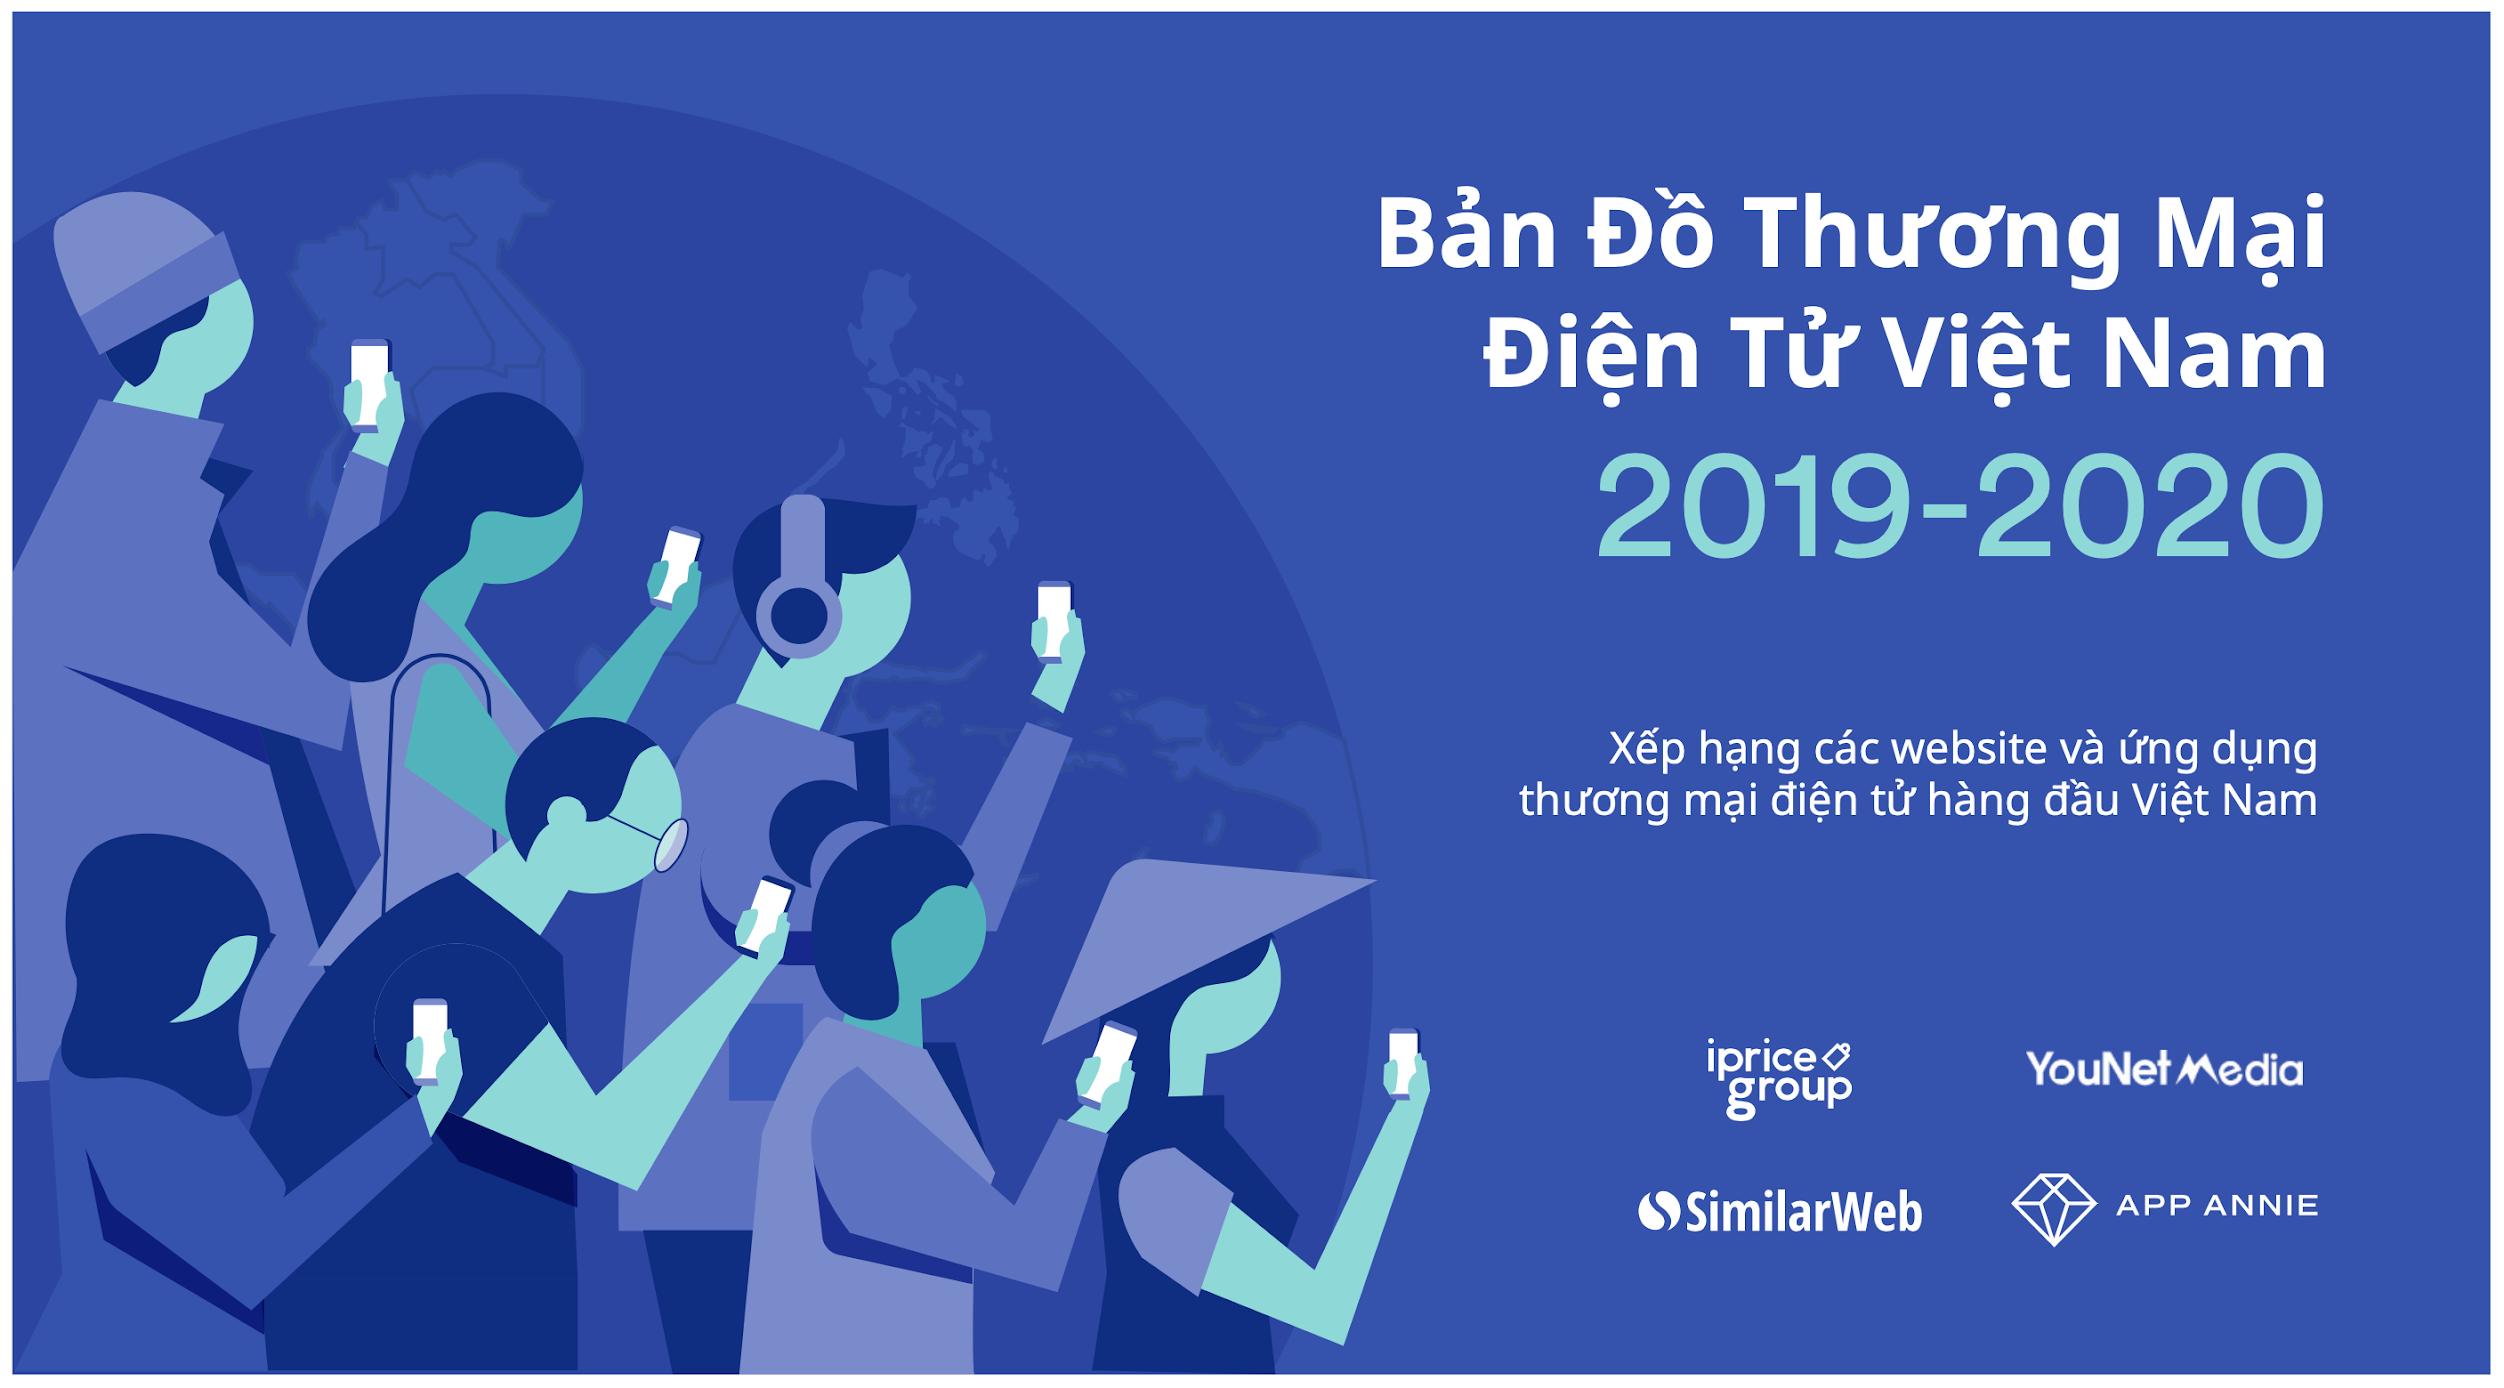 Bản đồ Thương Mại Điện Tử Việt Nam 2019 – 2020 (Cập nhật 03/2020)